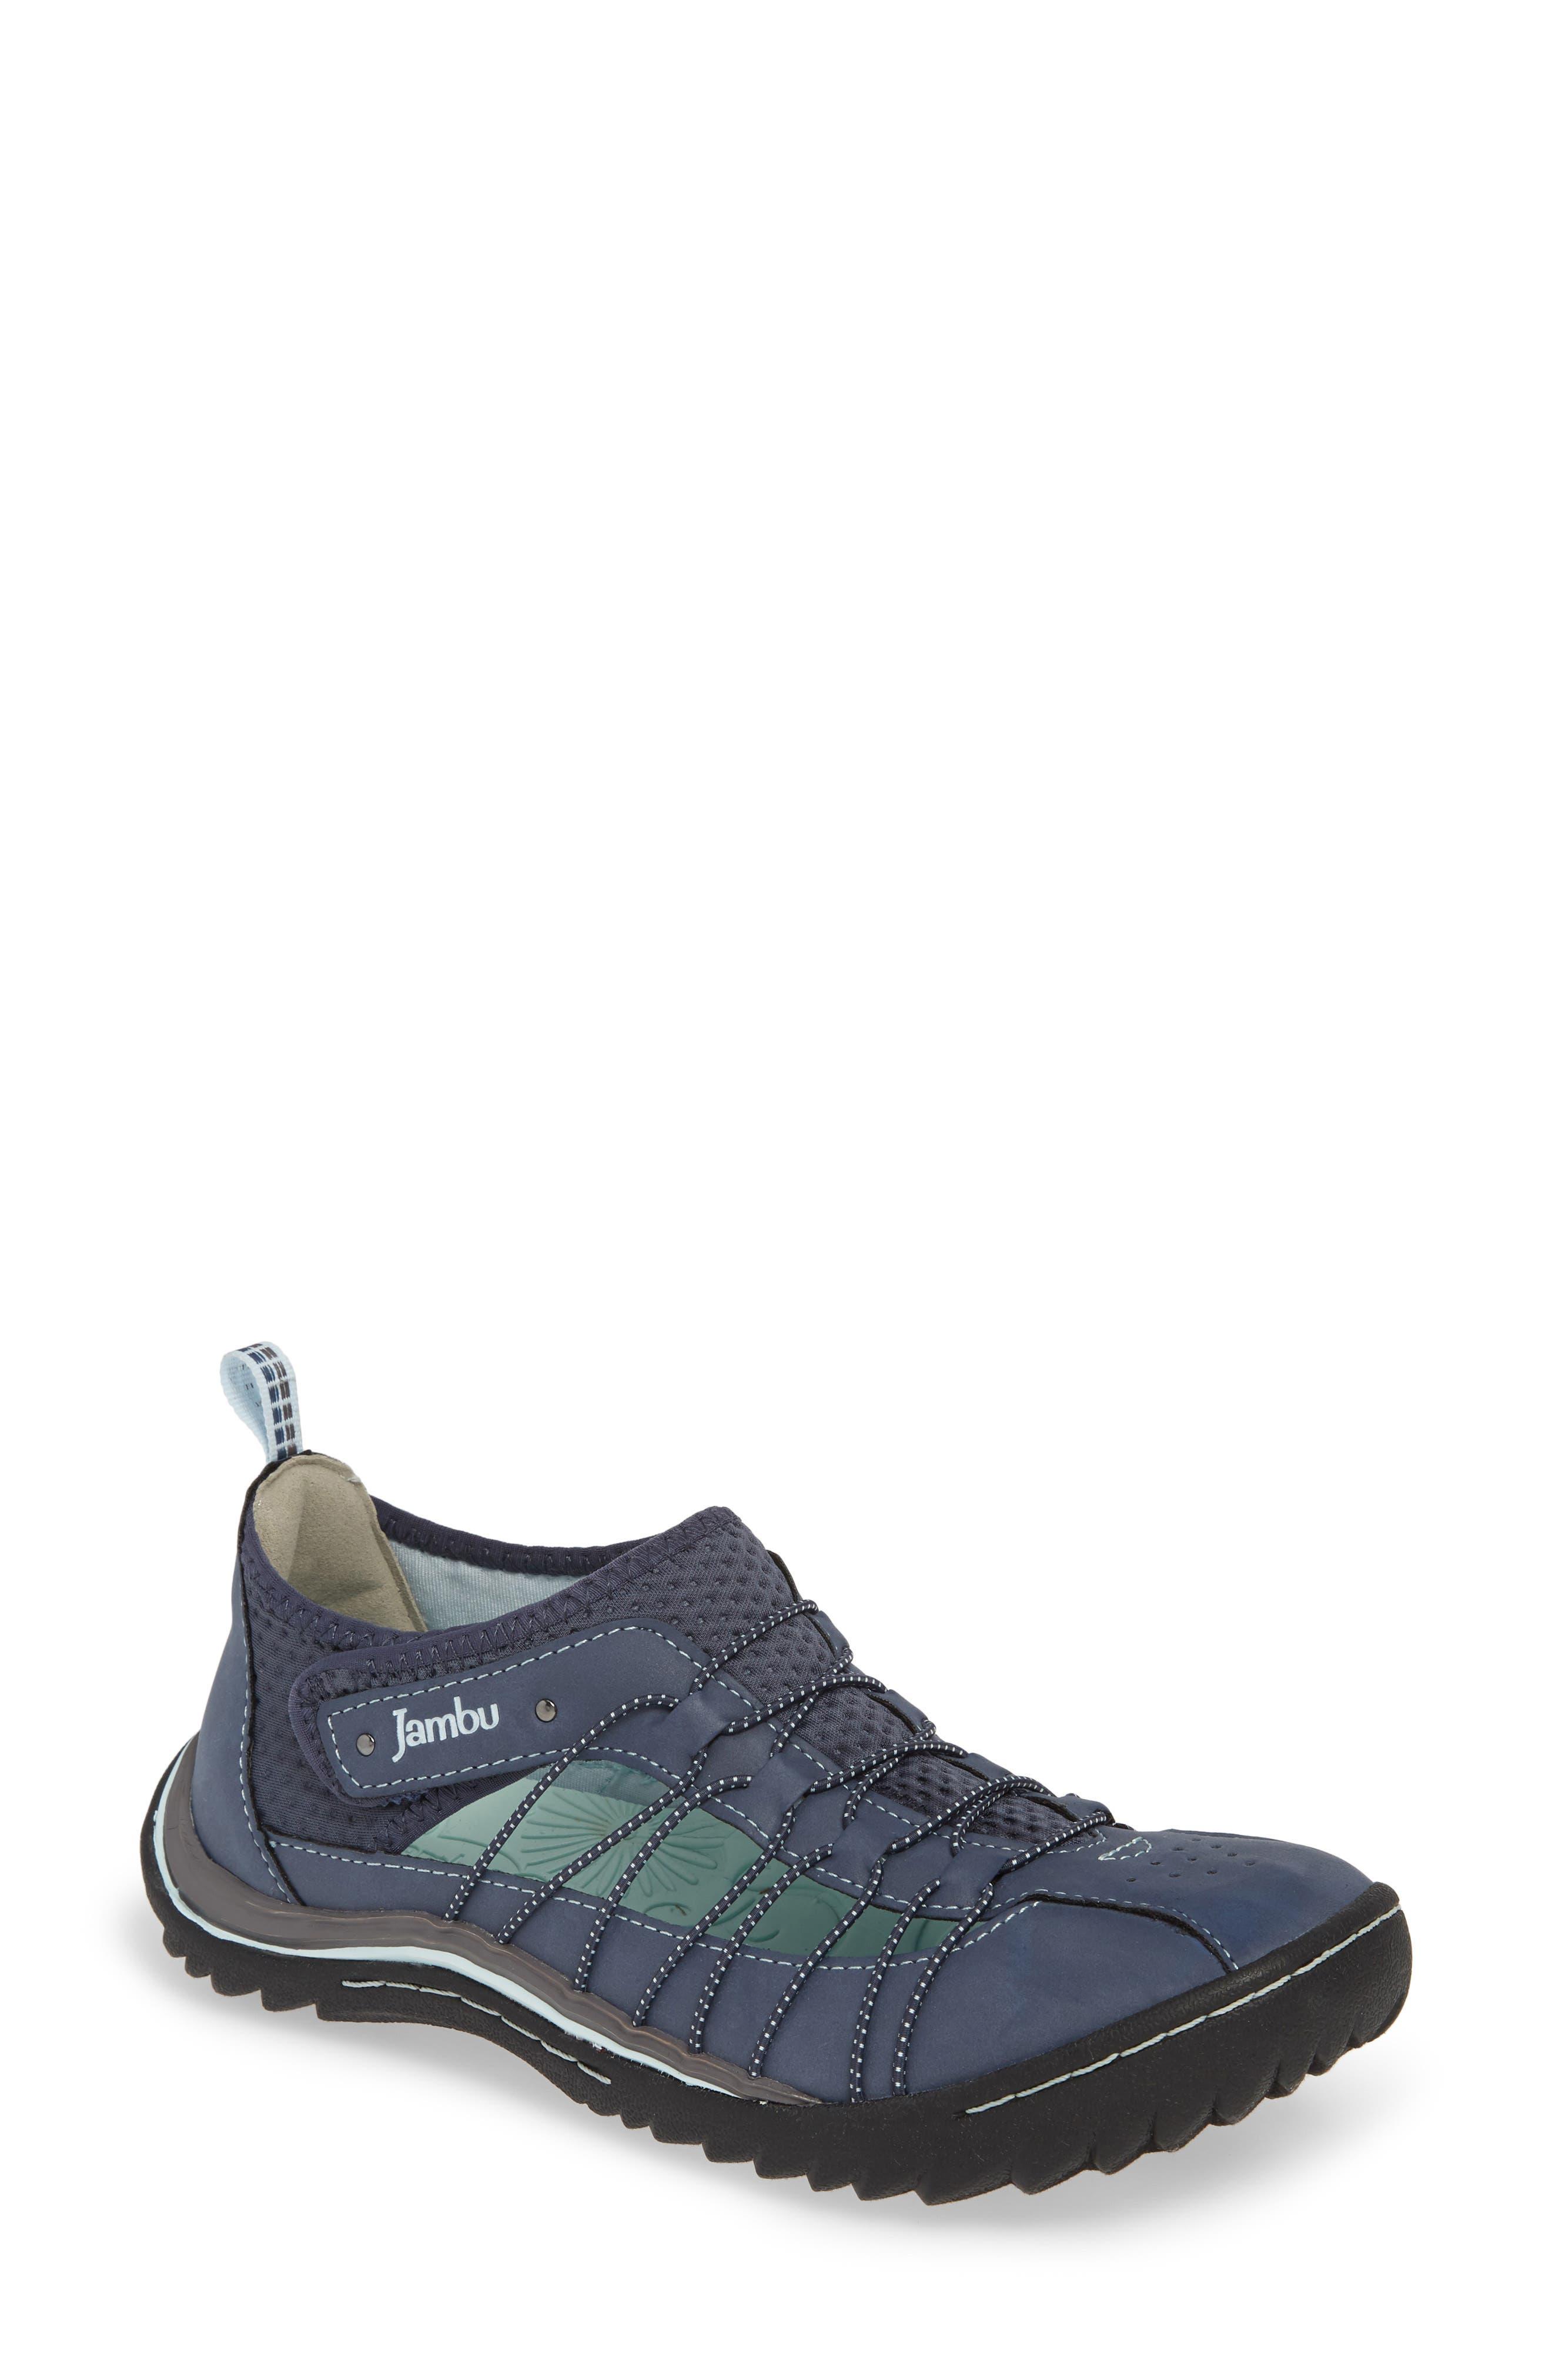 Jambu Free Spirit Sneaker, Blue